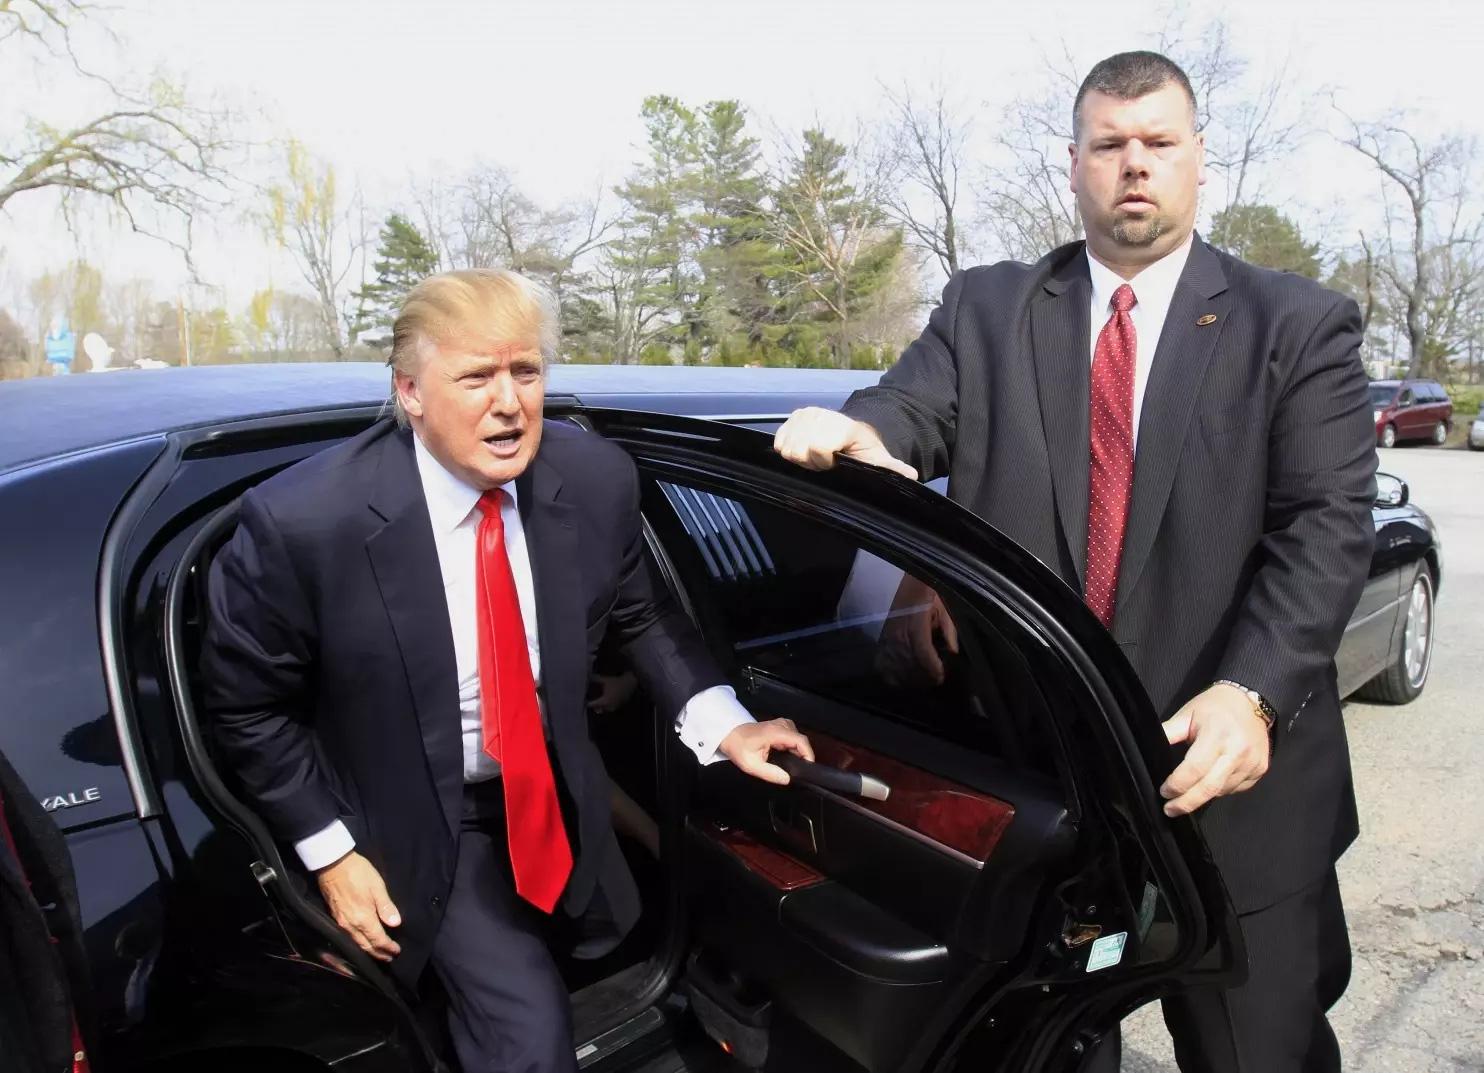 Và đây là chiếc xe hiện tại ông đang sử dụng. Rolls Royce đã trở thành hạng xoàng, giờ ông lái chiếc Limo của cá nhân để dạo chơi quanh thành phố. Ảnh: TTB